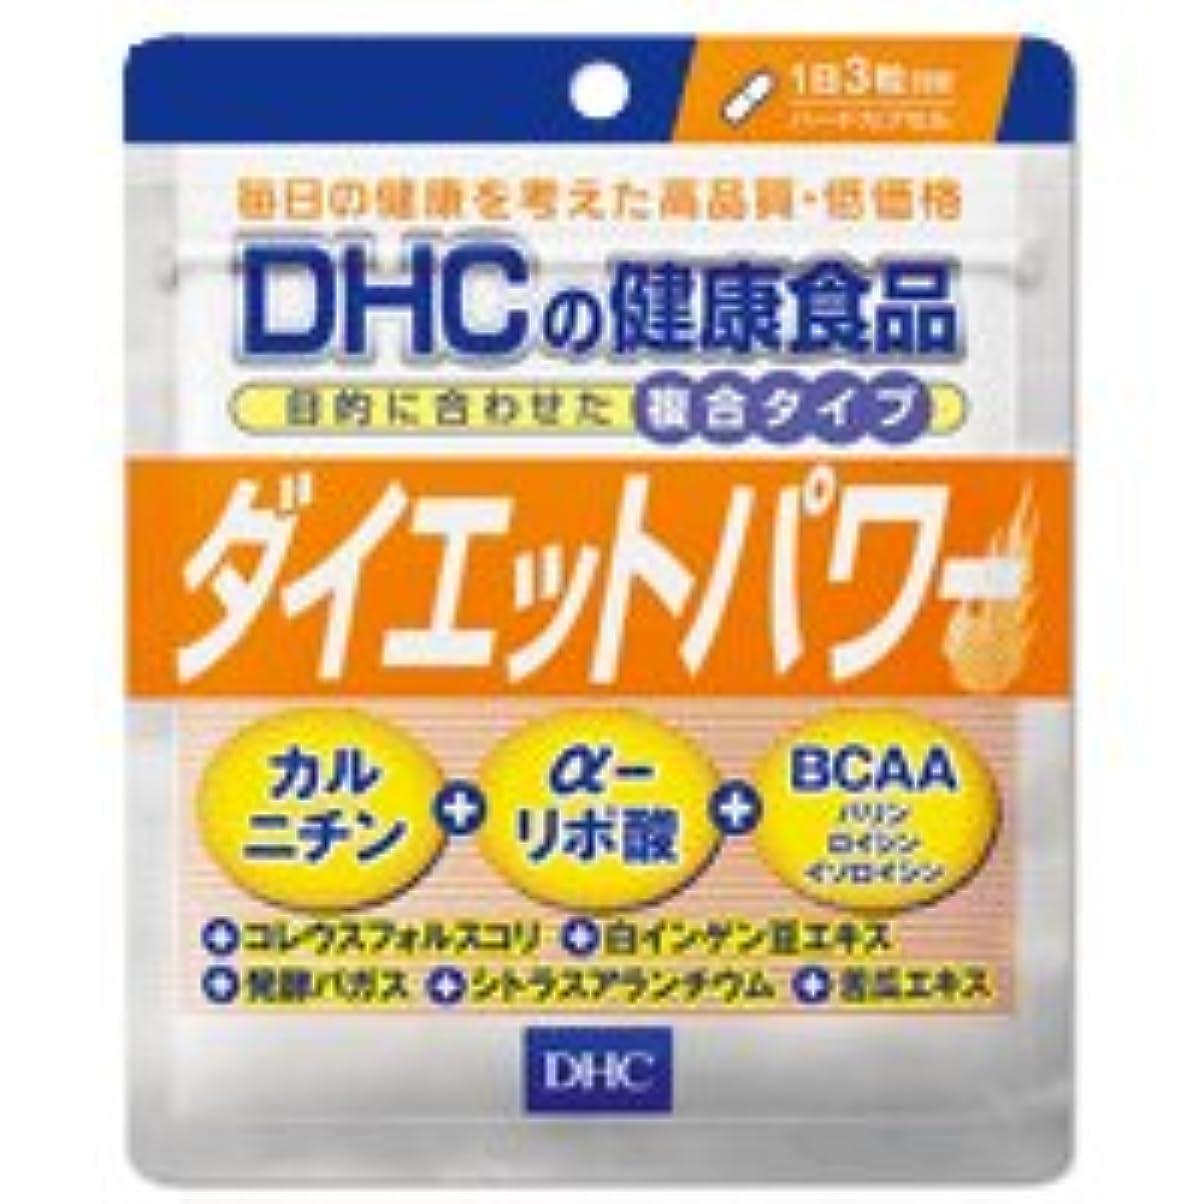 戦闘帰する専らDHC 20日分ダイエットパワー